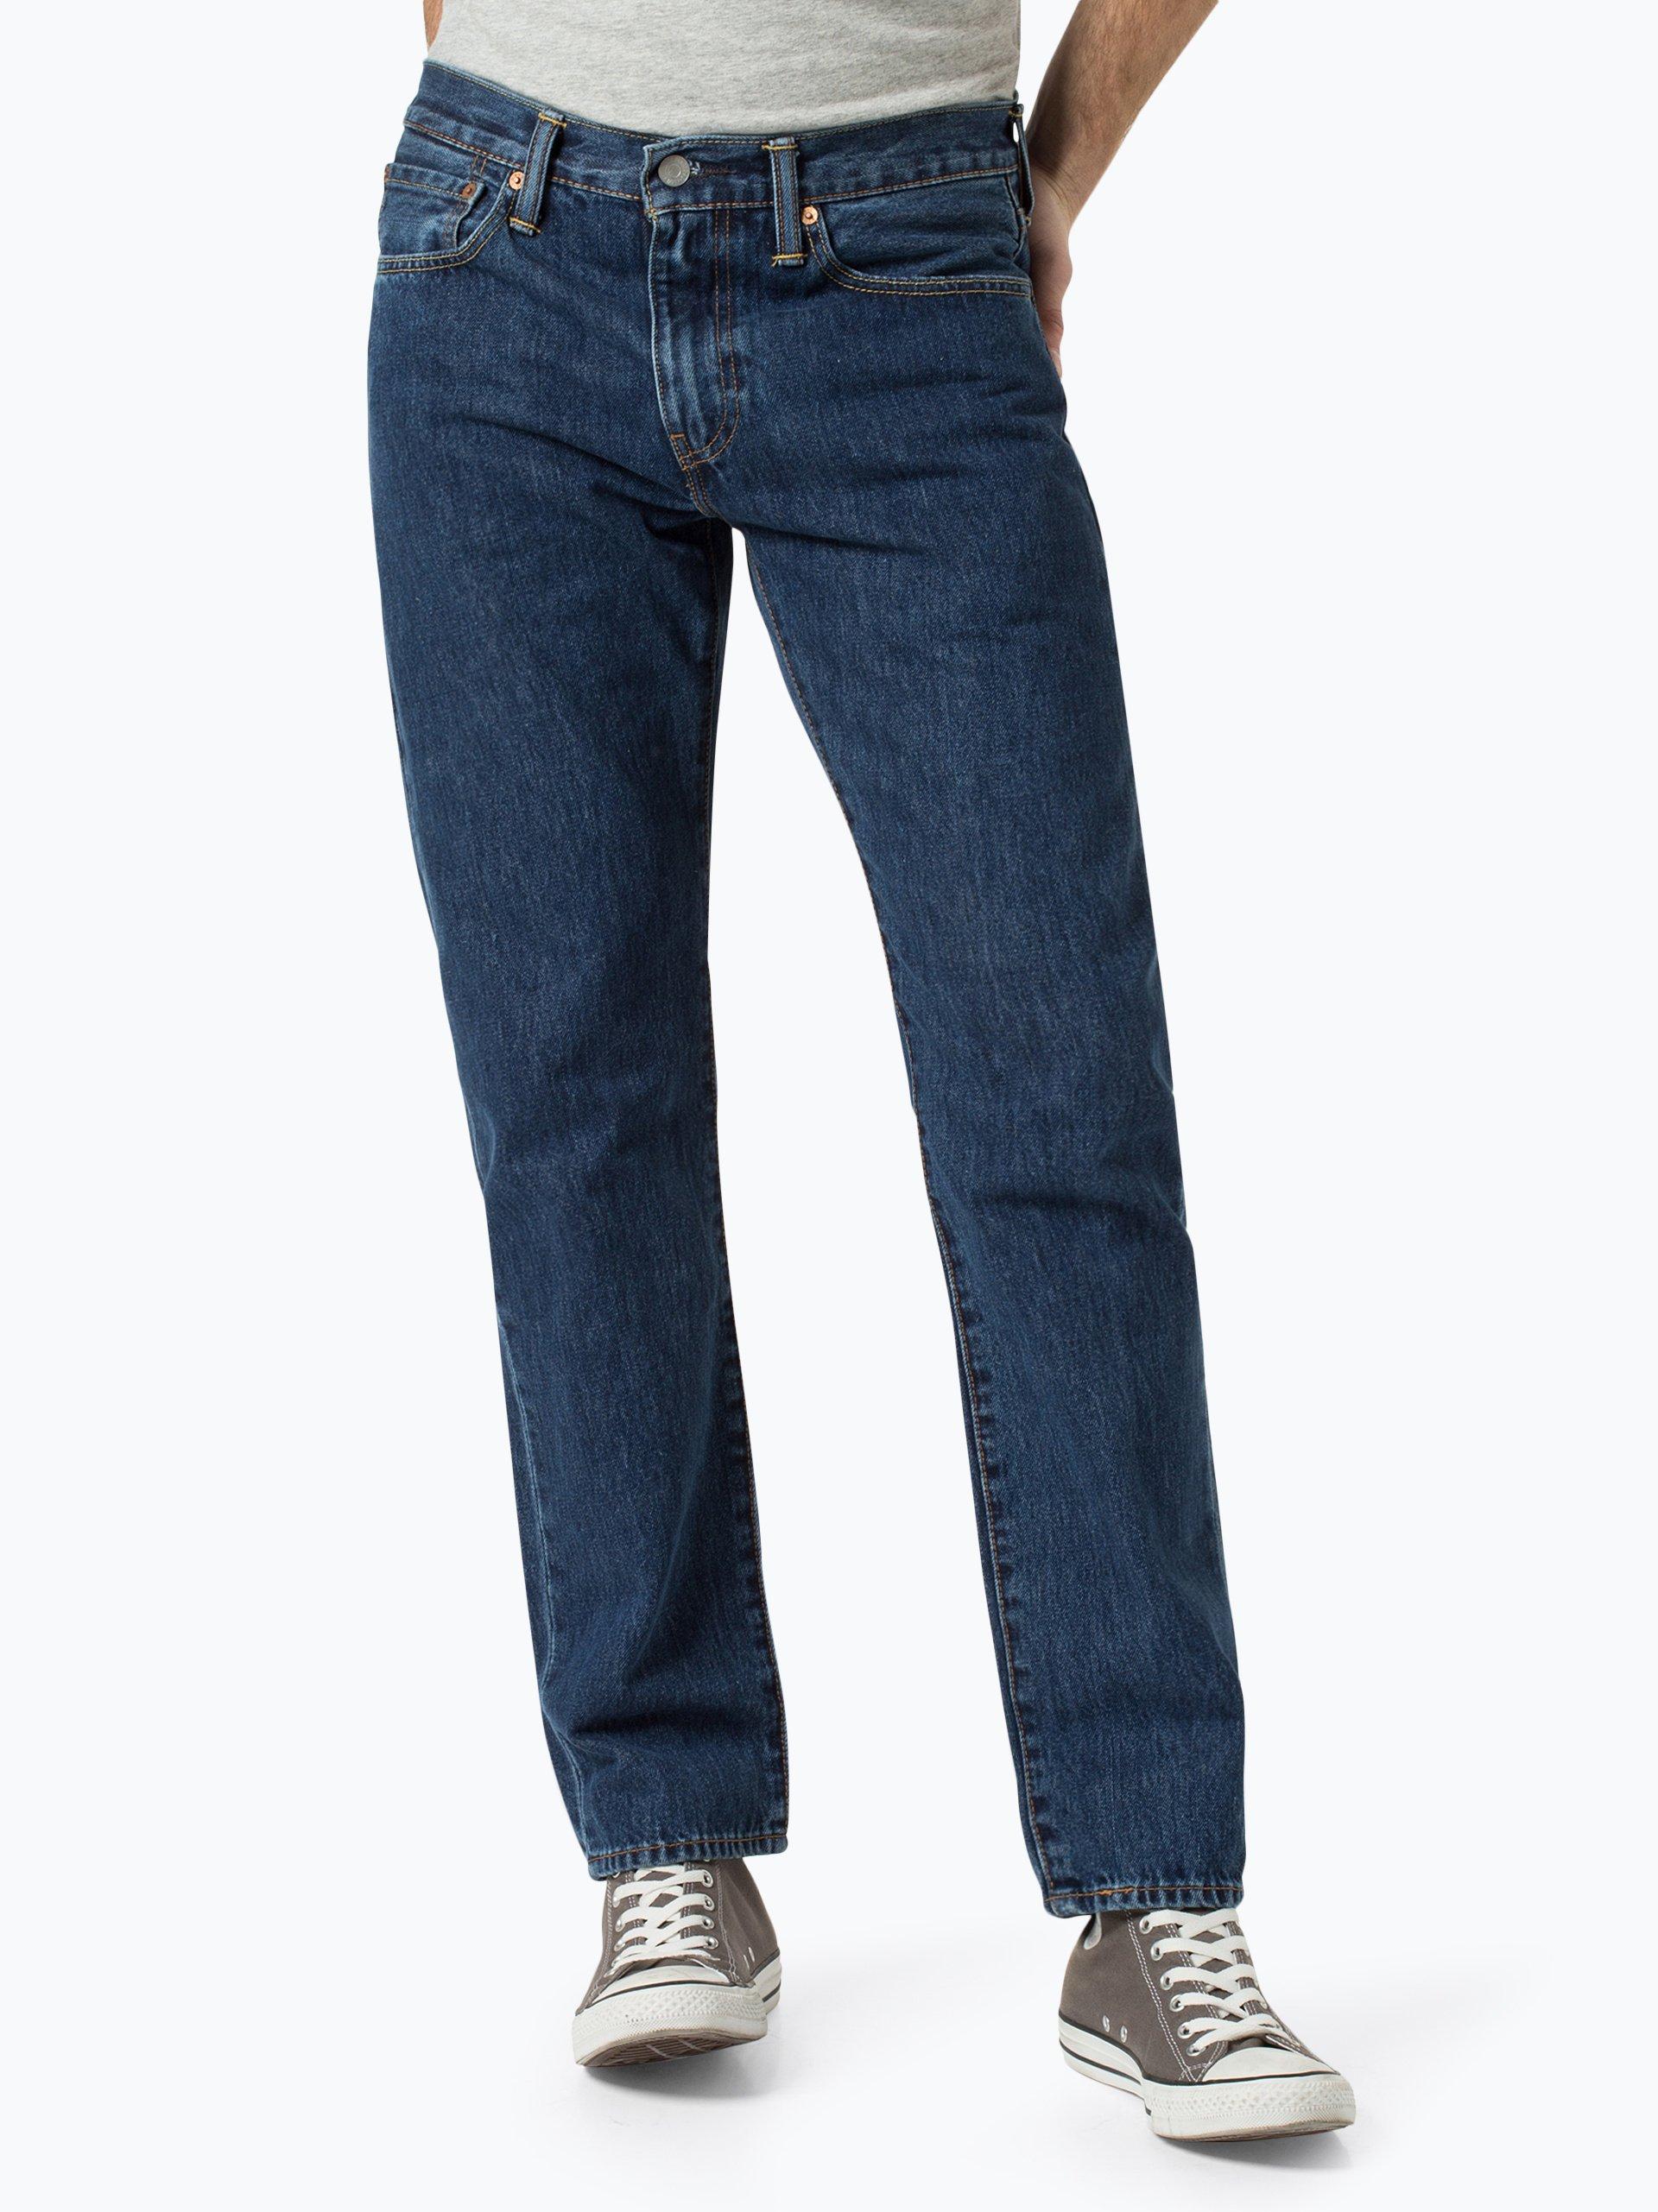 levi 39 s herren jeans indigo uni online kaufen peek und cloppenburg de. Black Bedroom Furniture Sets. Home Design Ideas